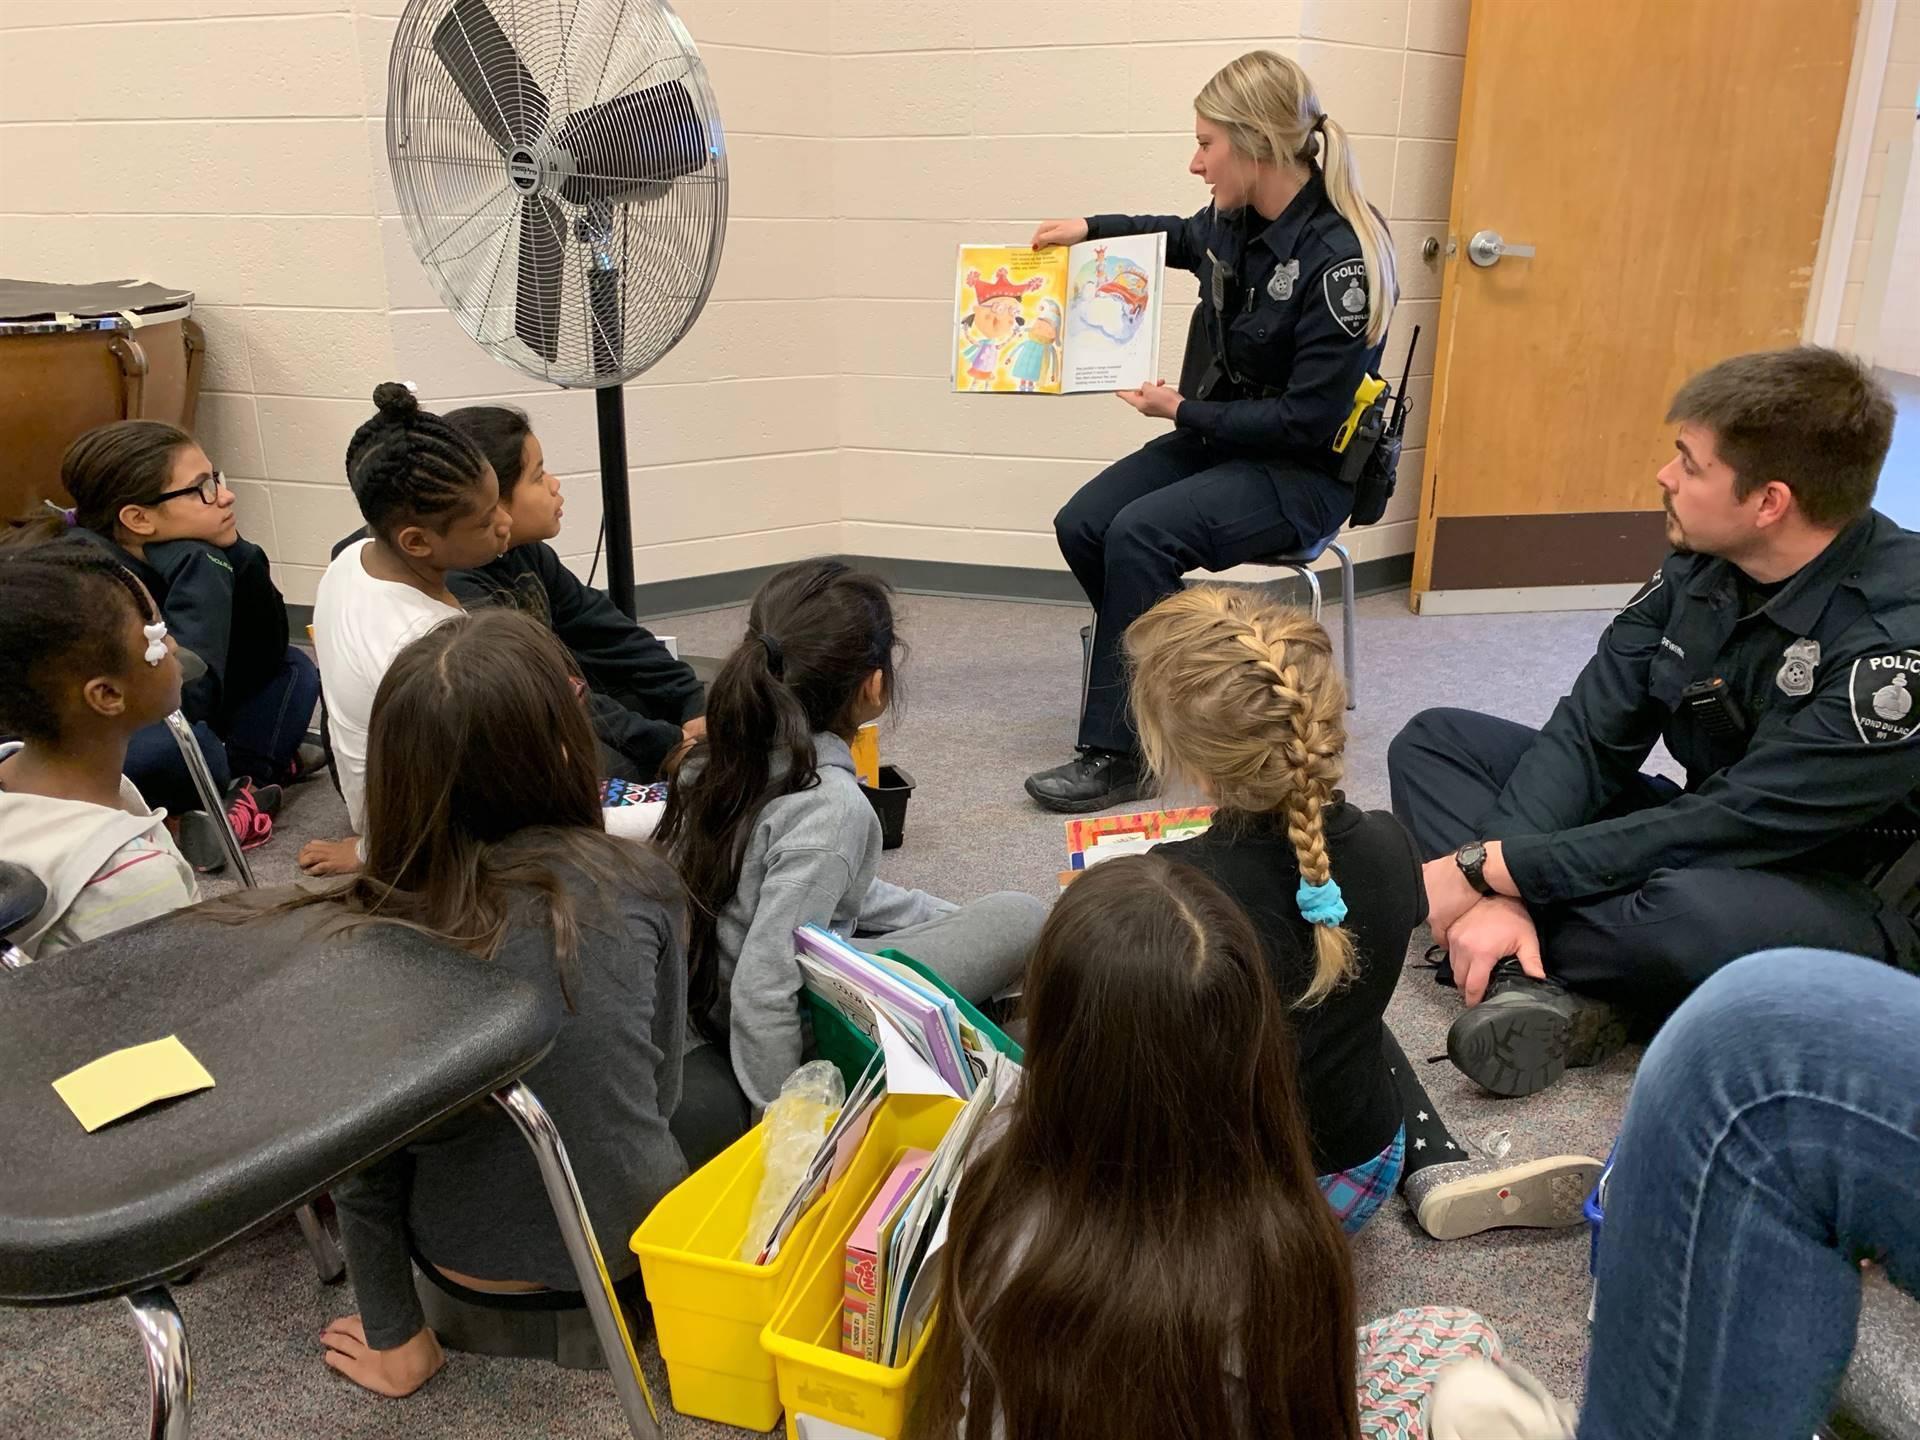 Officer reading to children